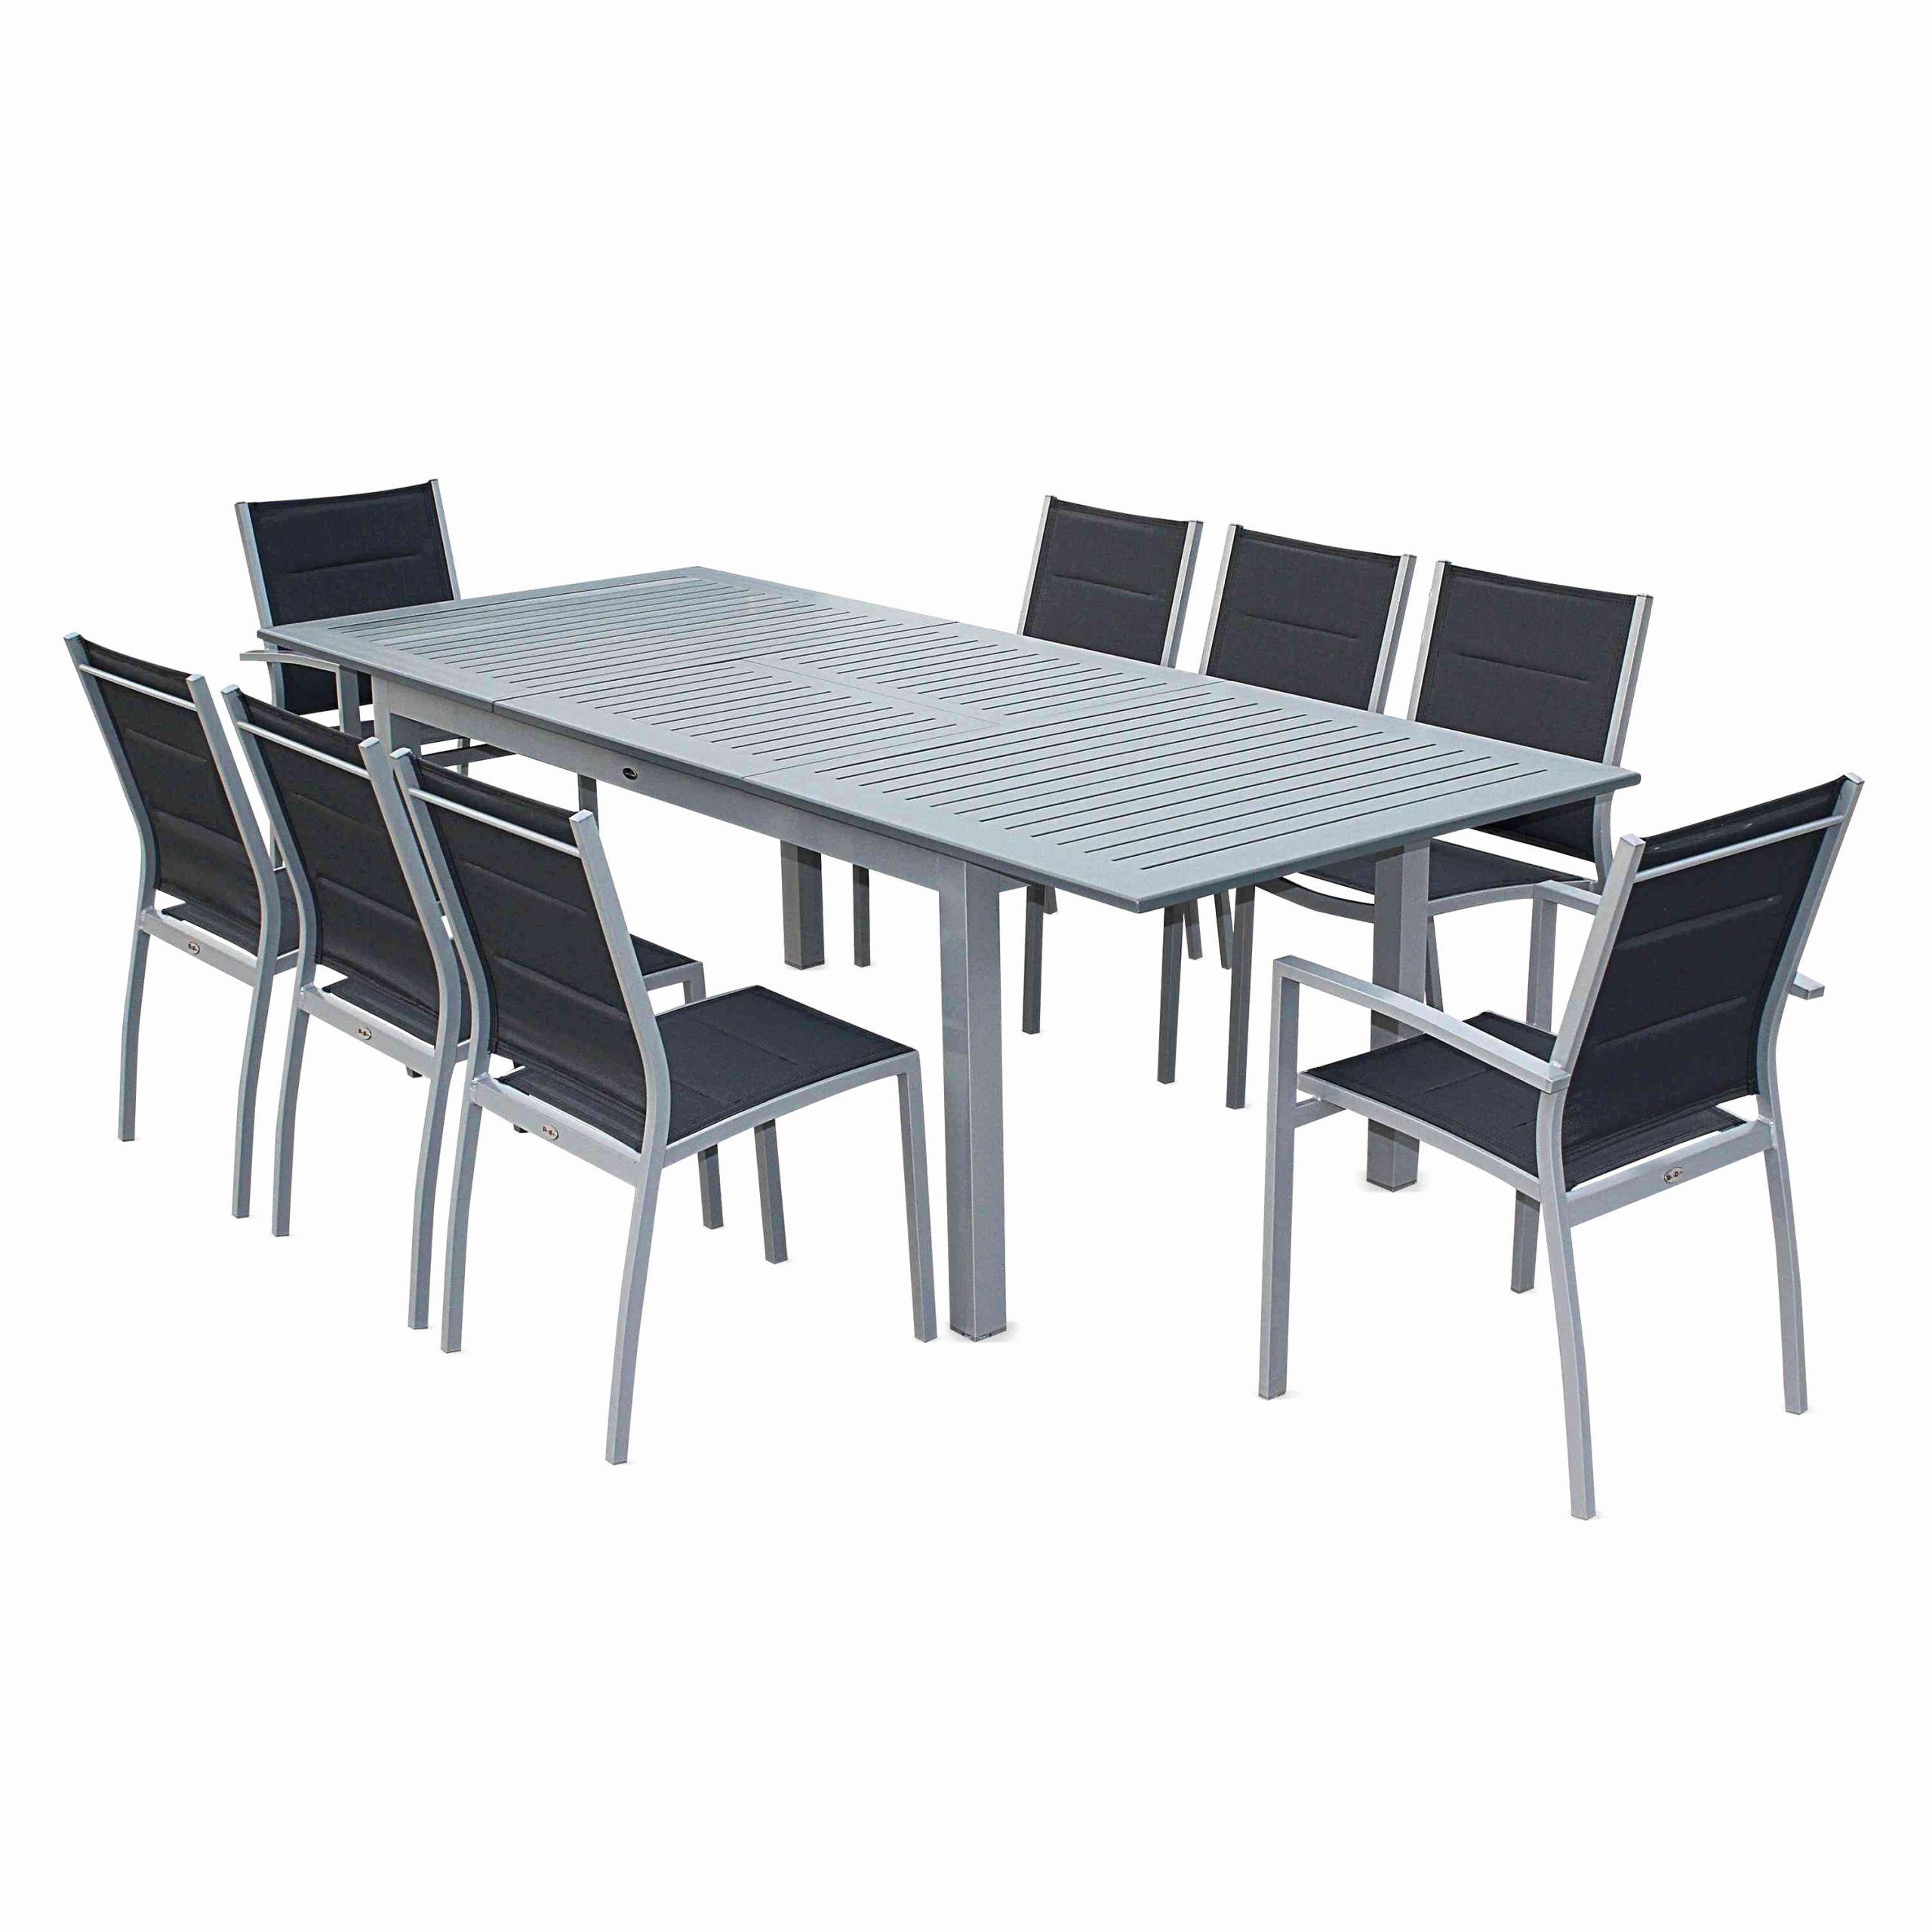 table et chaise de jardin cdiscount luxe 51 beau table et chaise jardin pas cher of table et chaise de jardin cdiscount